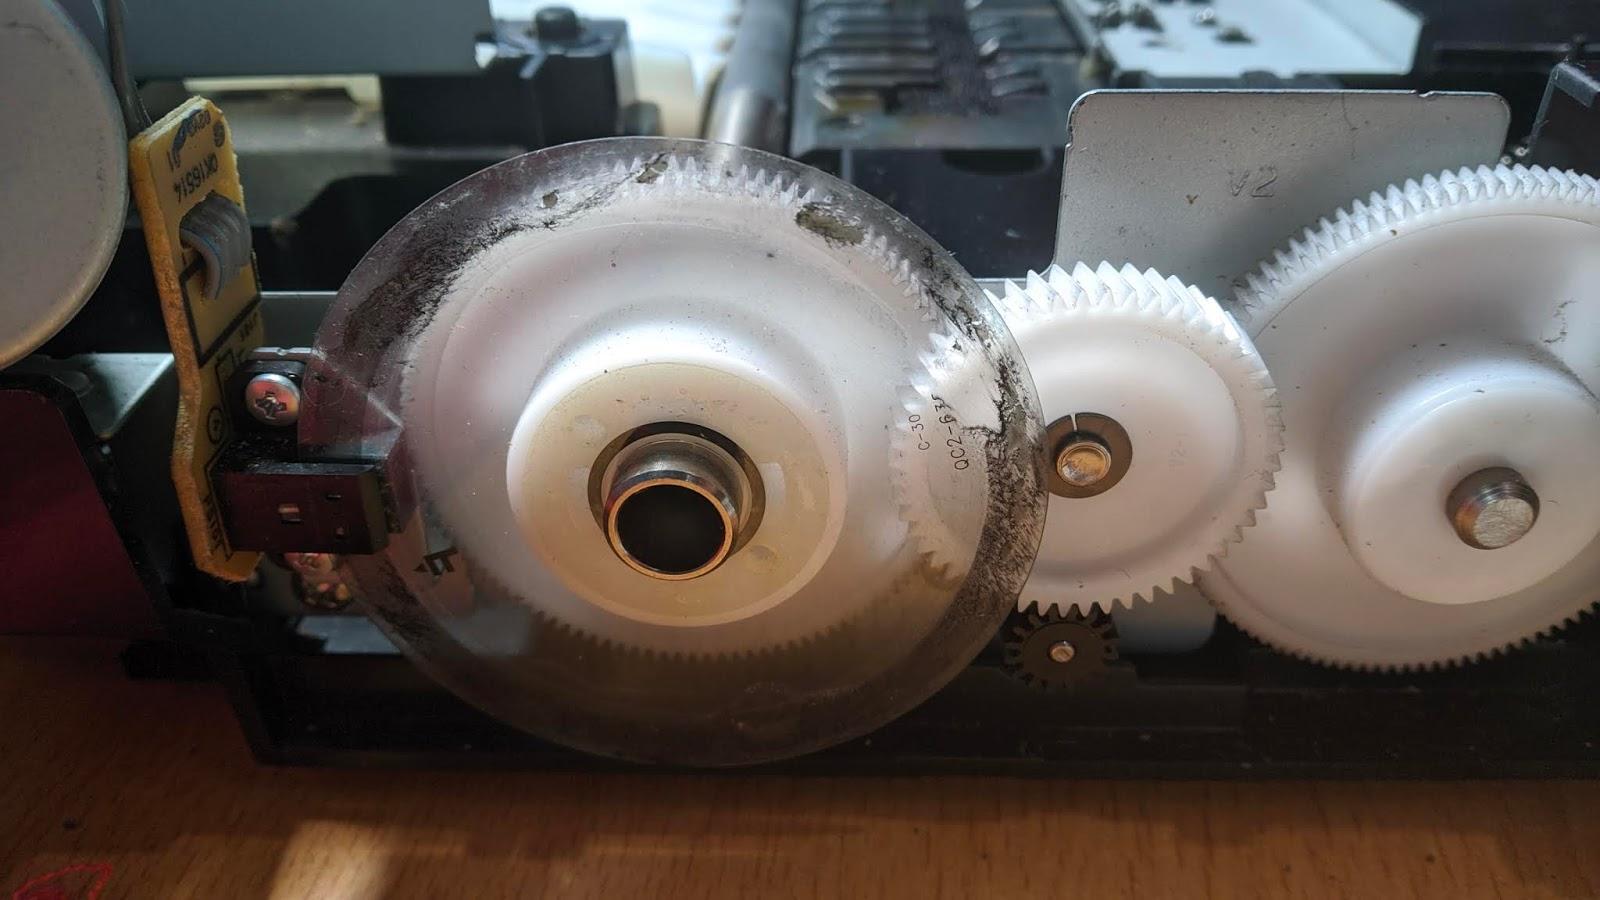 Printer Canon MP287 Error E03